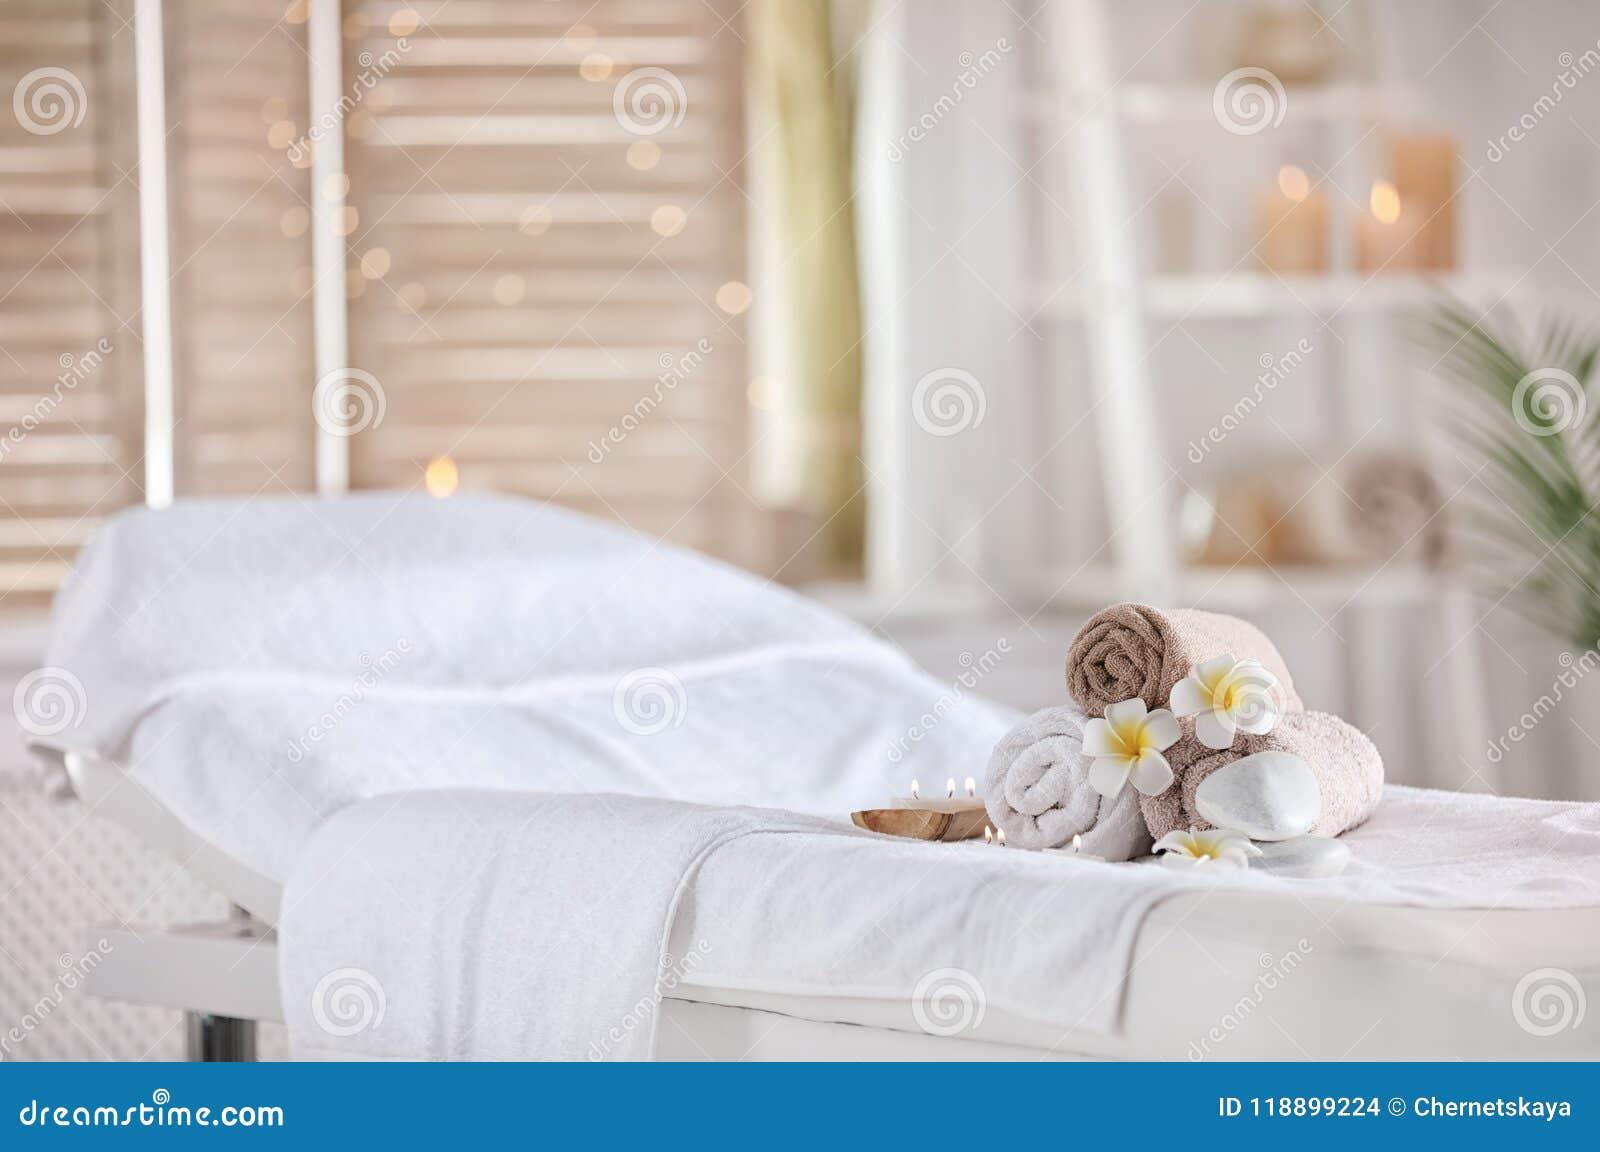 Serviettes et bougies sur la table de massage dans le salon de station thermale Place pour la relaxation